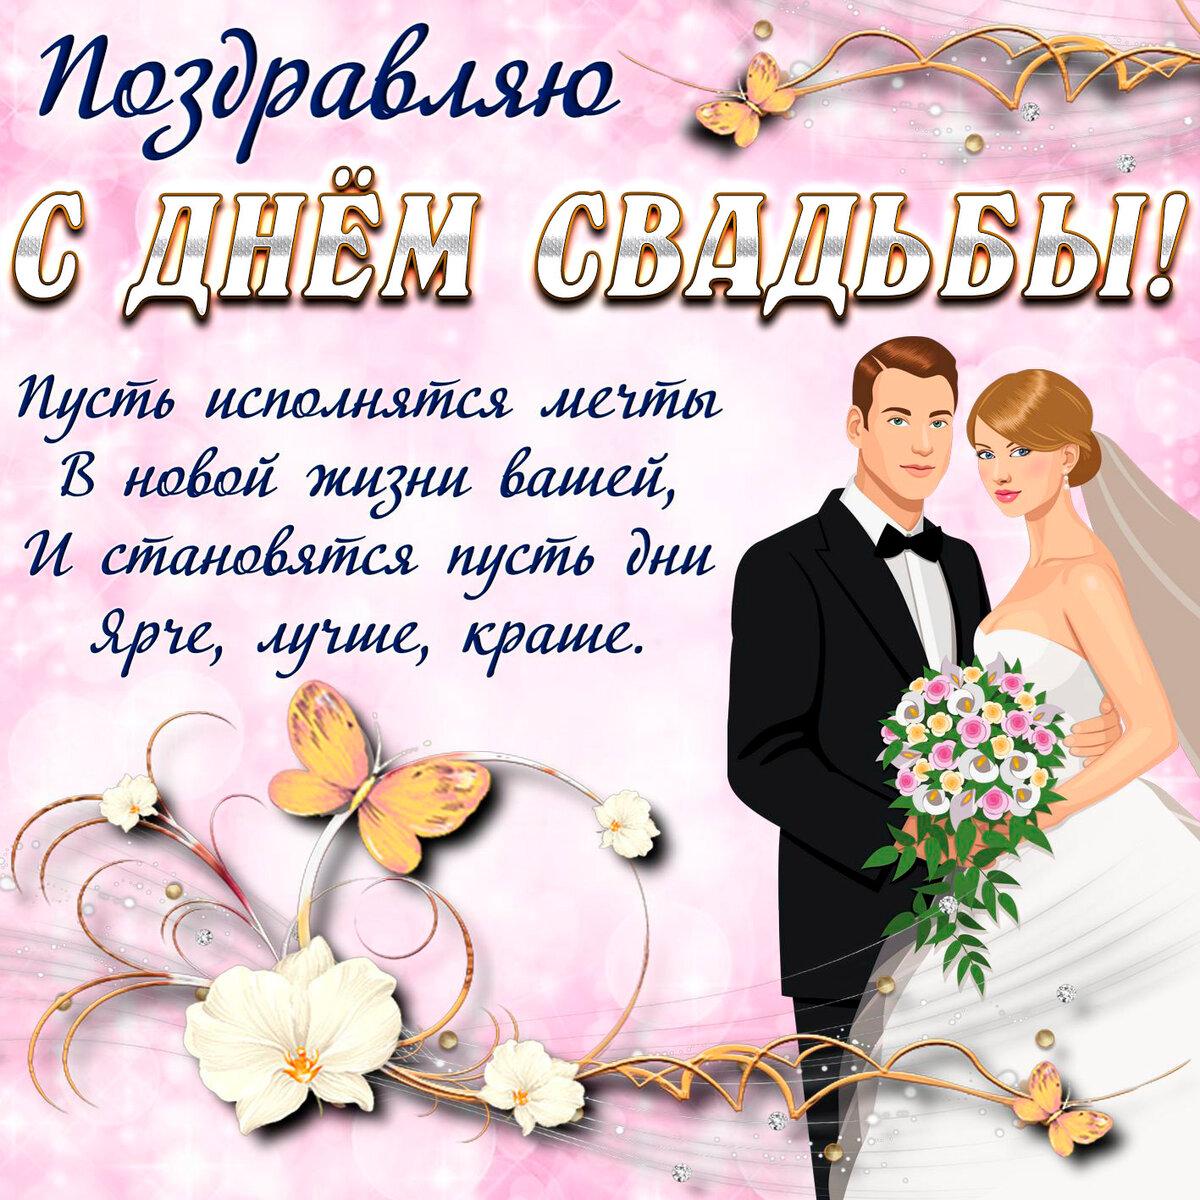 Поздравления на свадьбу своими словами на открытку